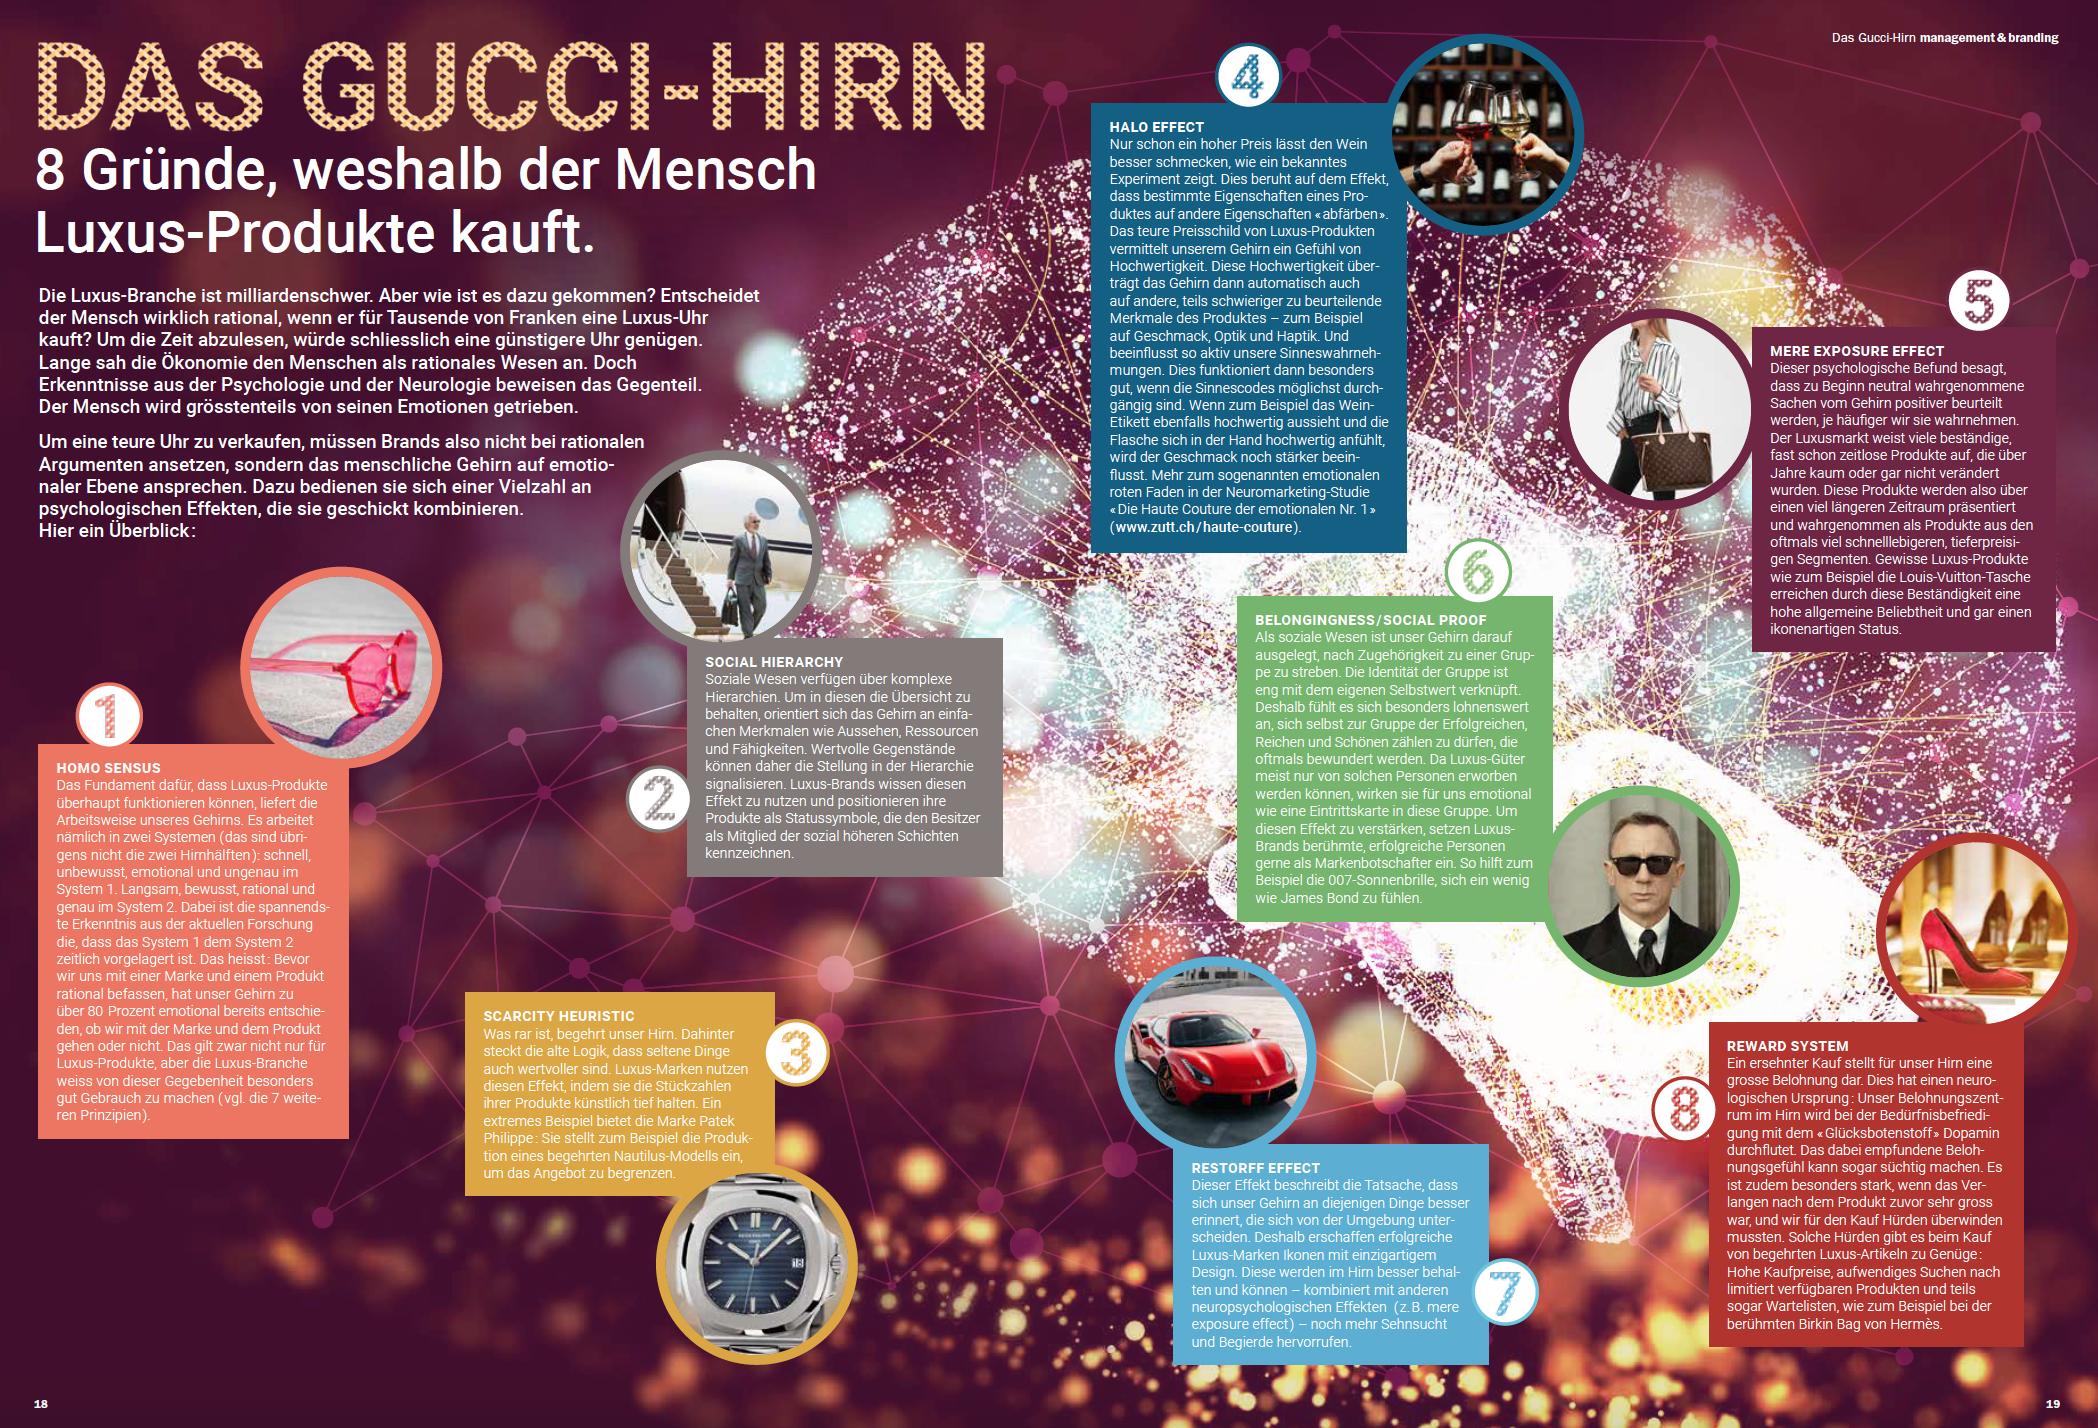 Die Luxus-Branche ist Milliarden-schwer. Aber wie ist es dazu gekommen? Für das persönlich-Magazin haben wir eine Übersicht zusammengestellt.